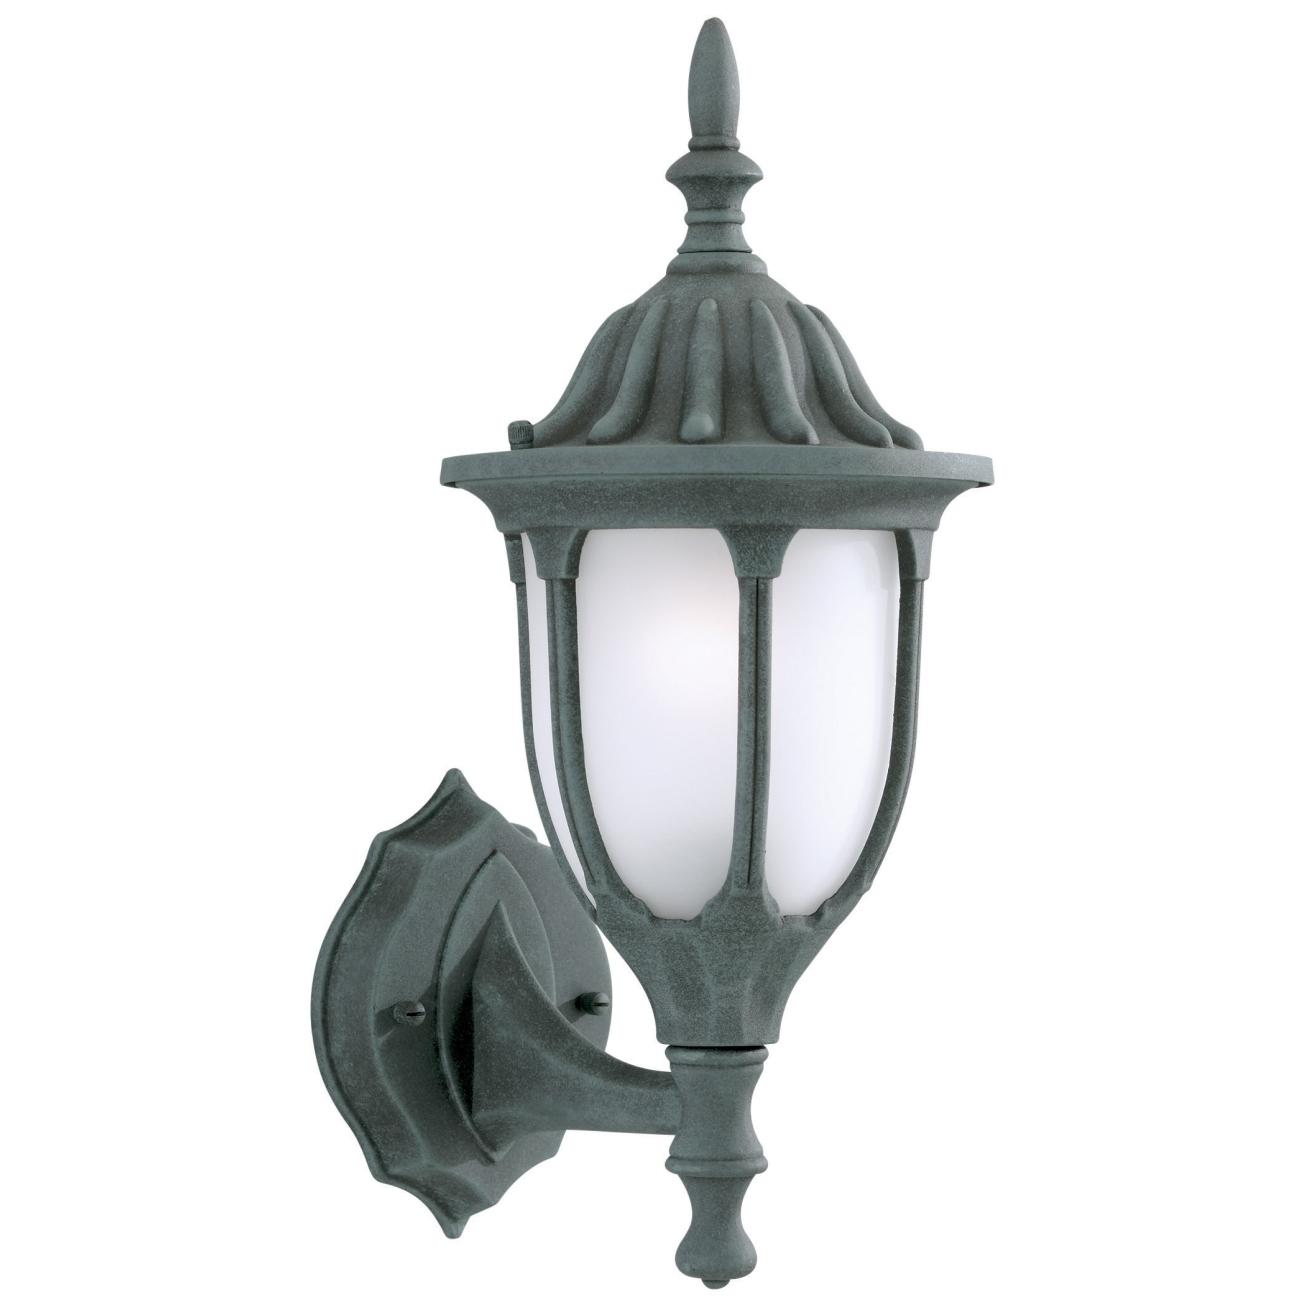 Most Recently Released Plastic Outdoor Wall Light Fixtures Regarding Exterior Light Fixtures & Outdoor Wall Lighting At Ace Hardware (View 7 of 20)